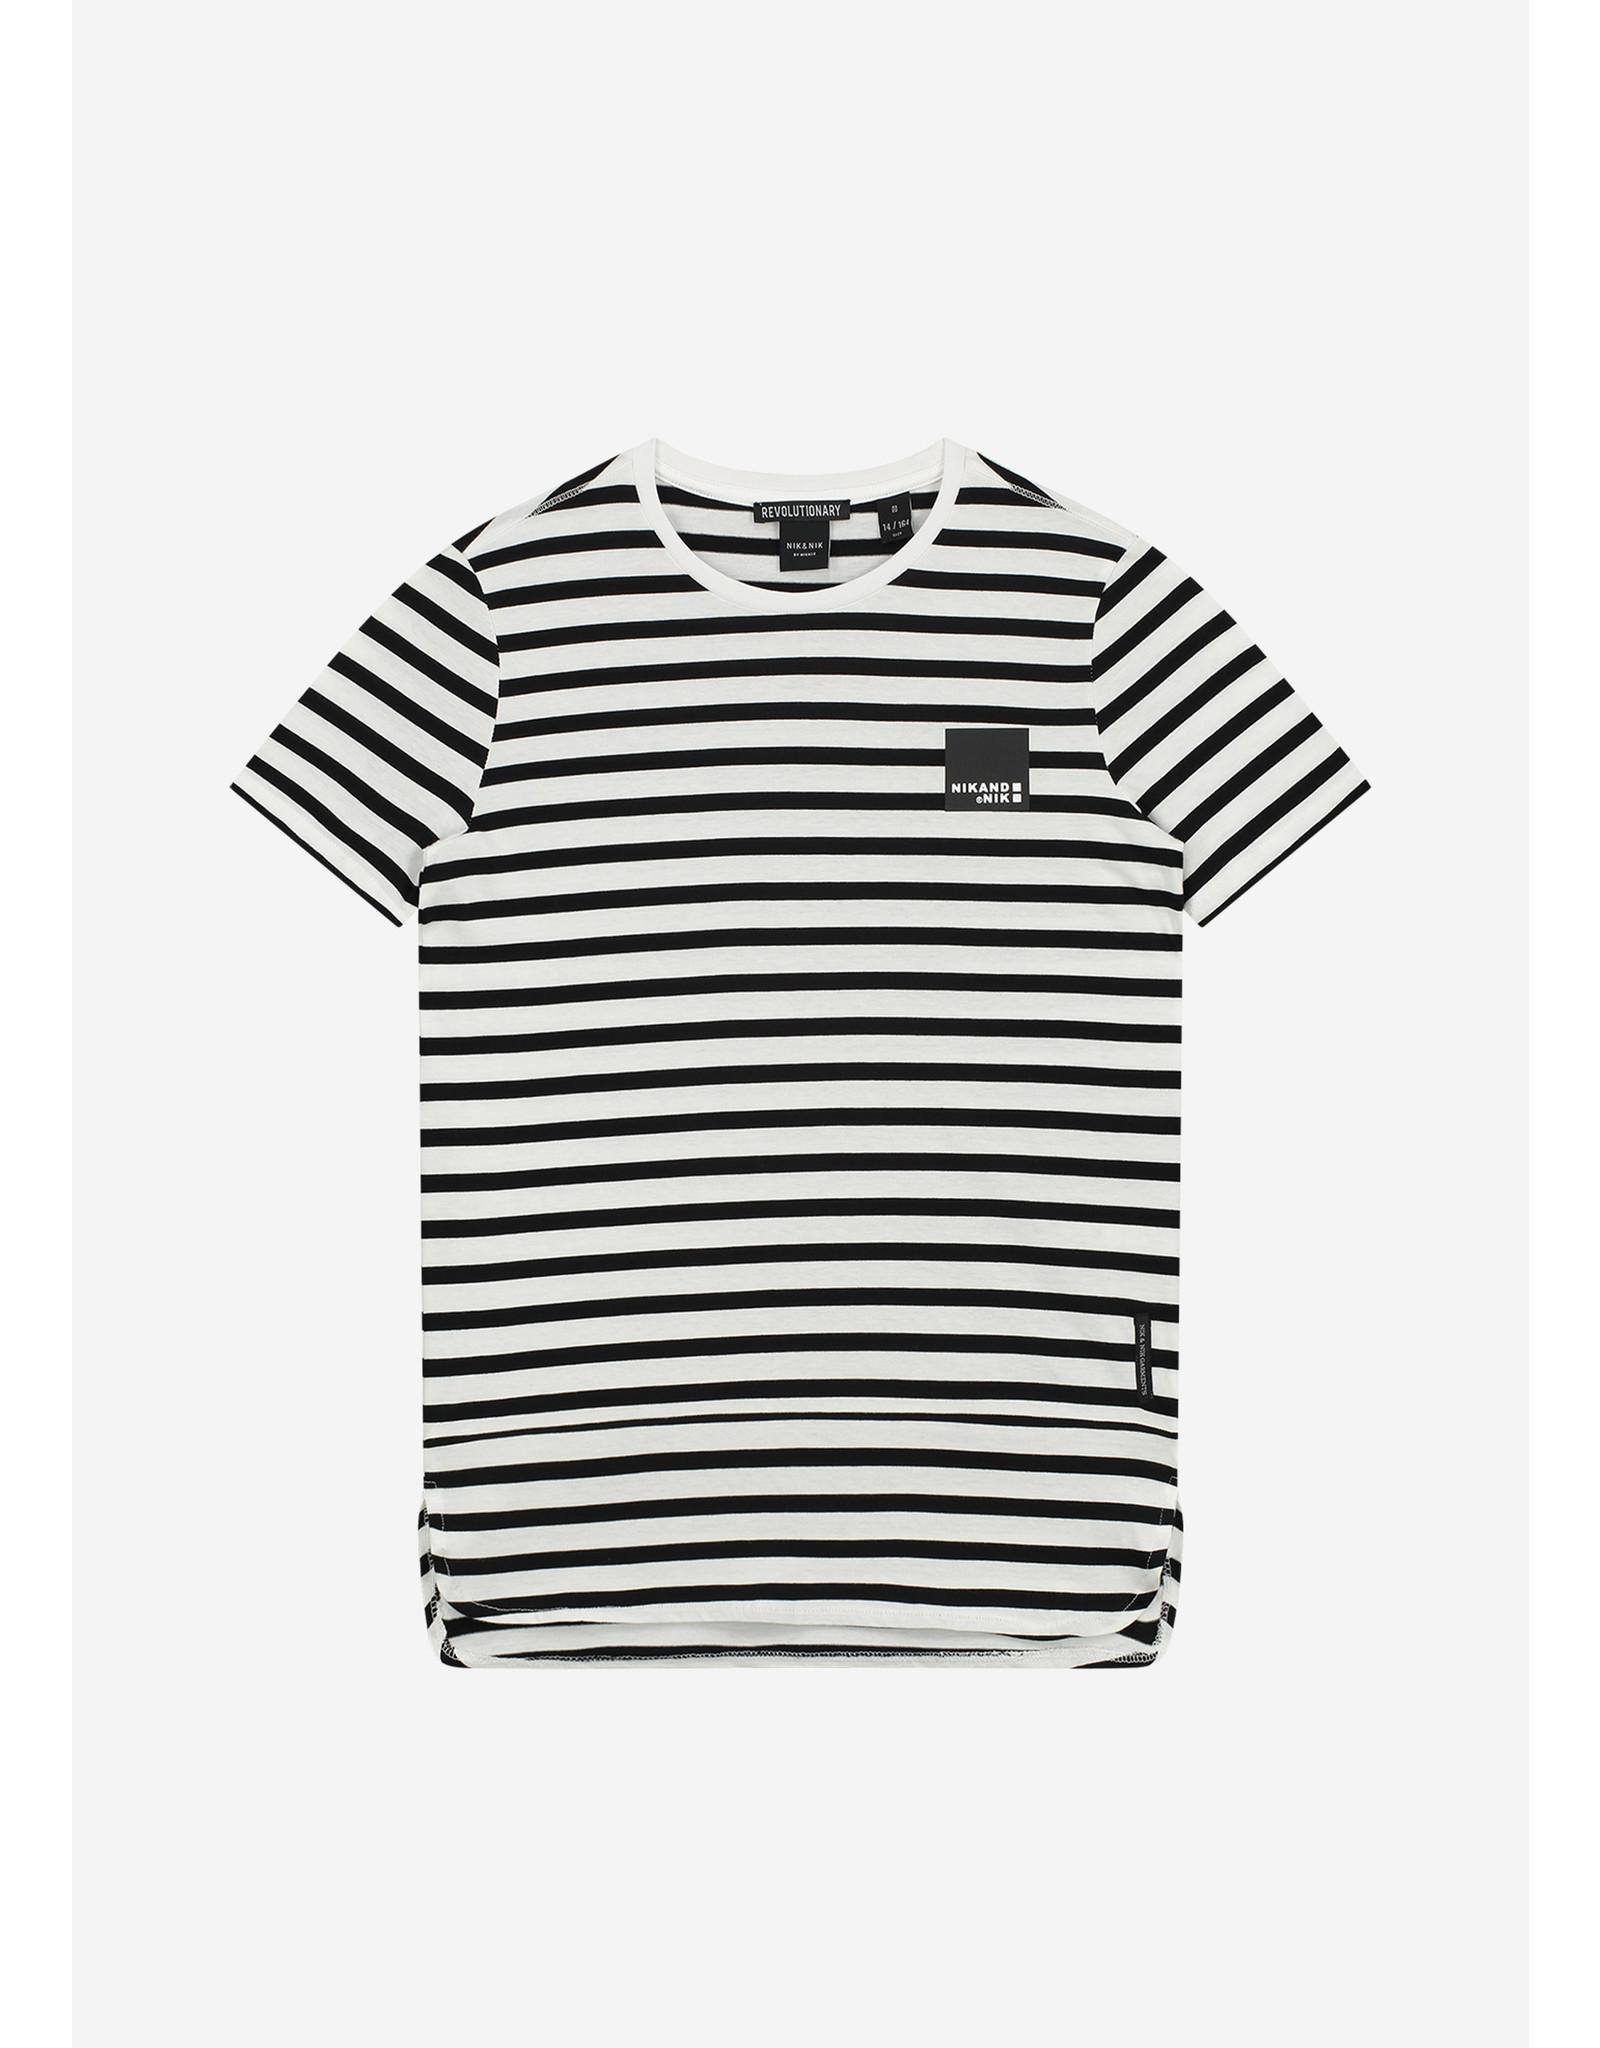 NIK & NIK Shirt Kirill